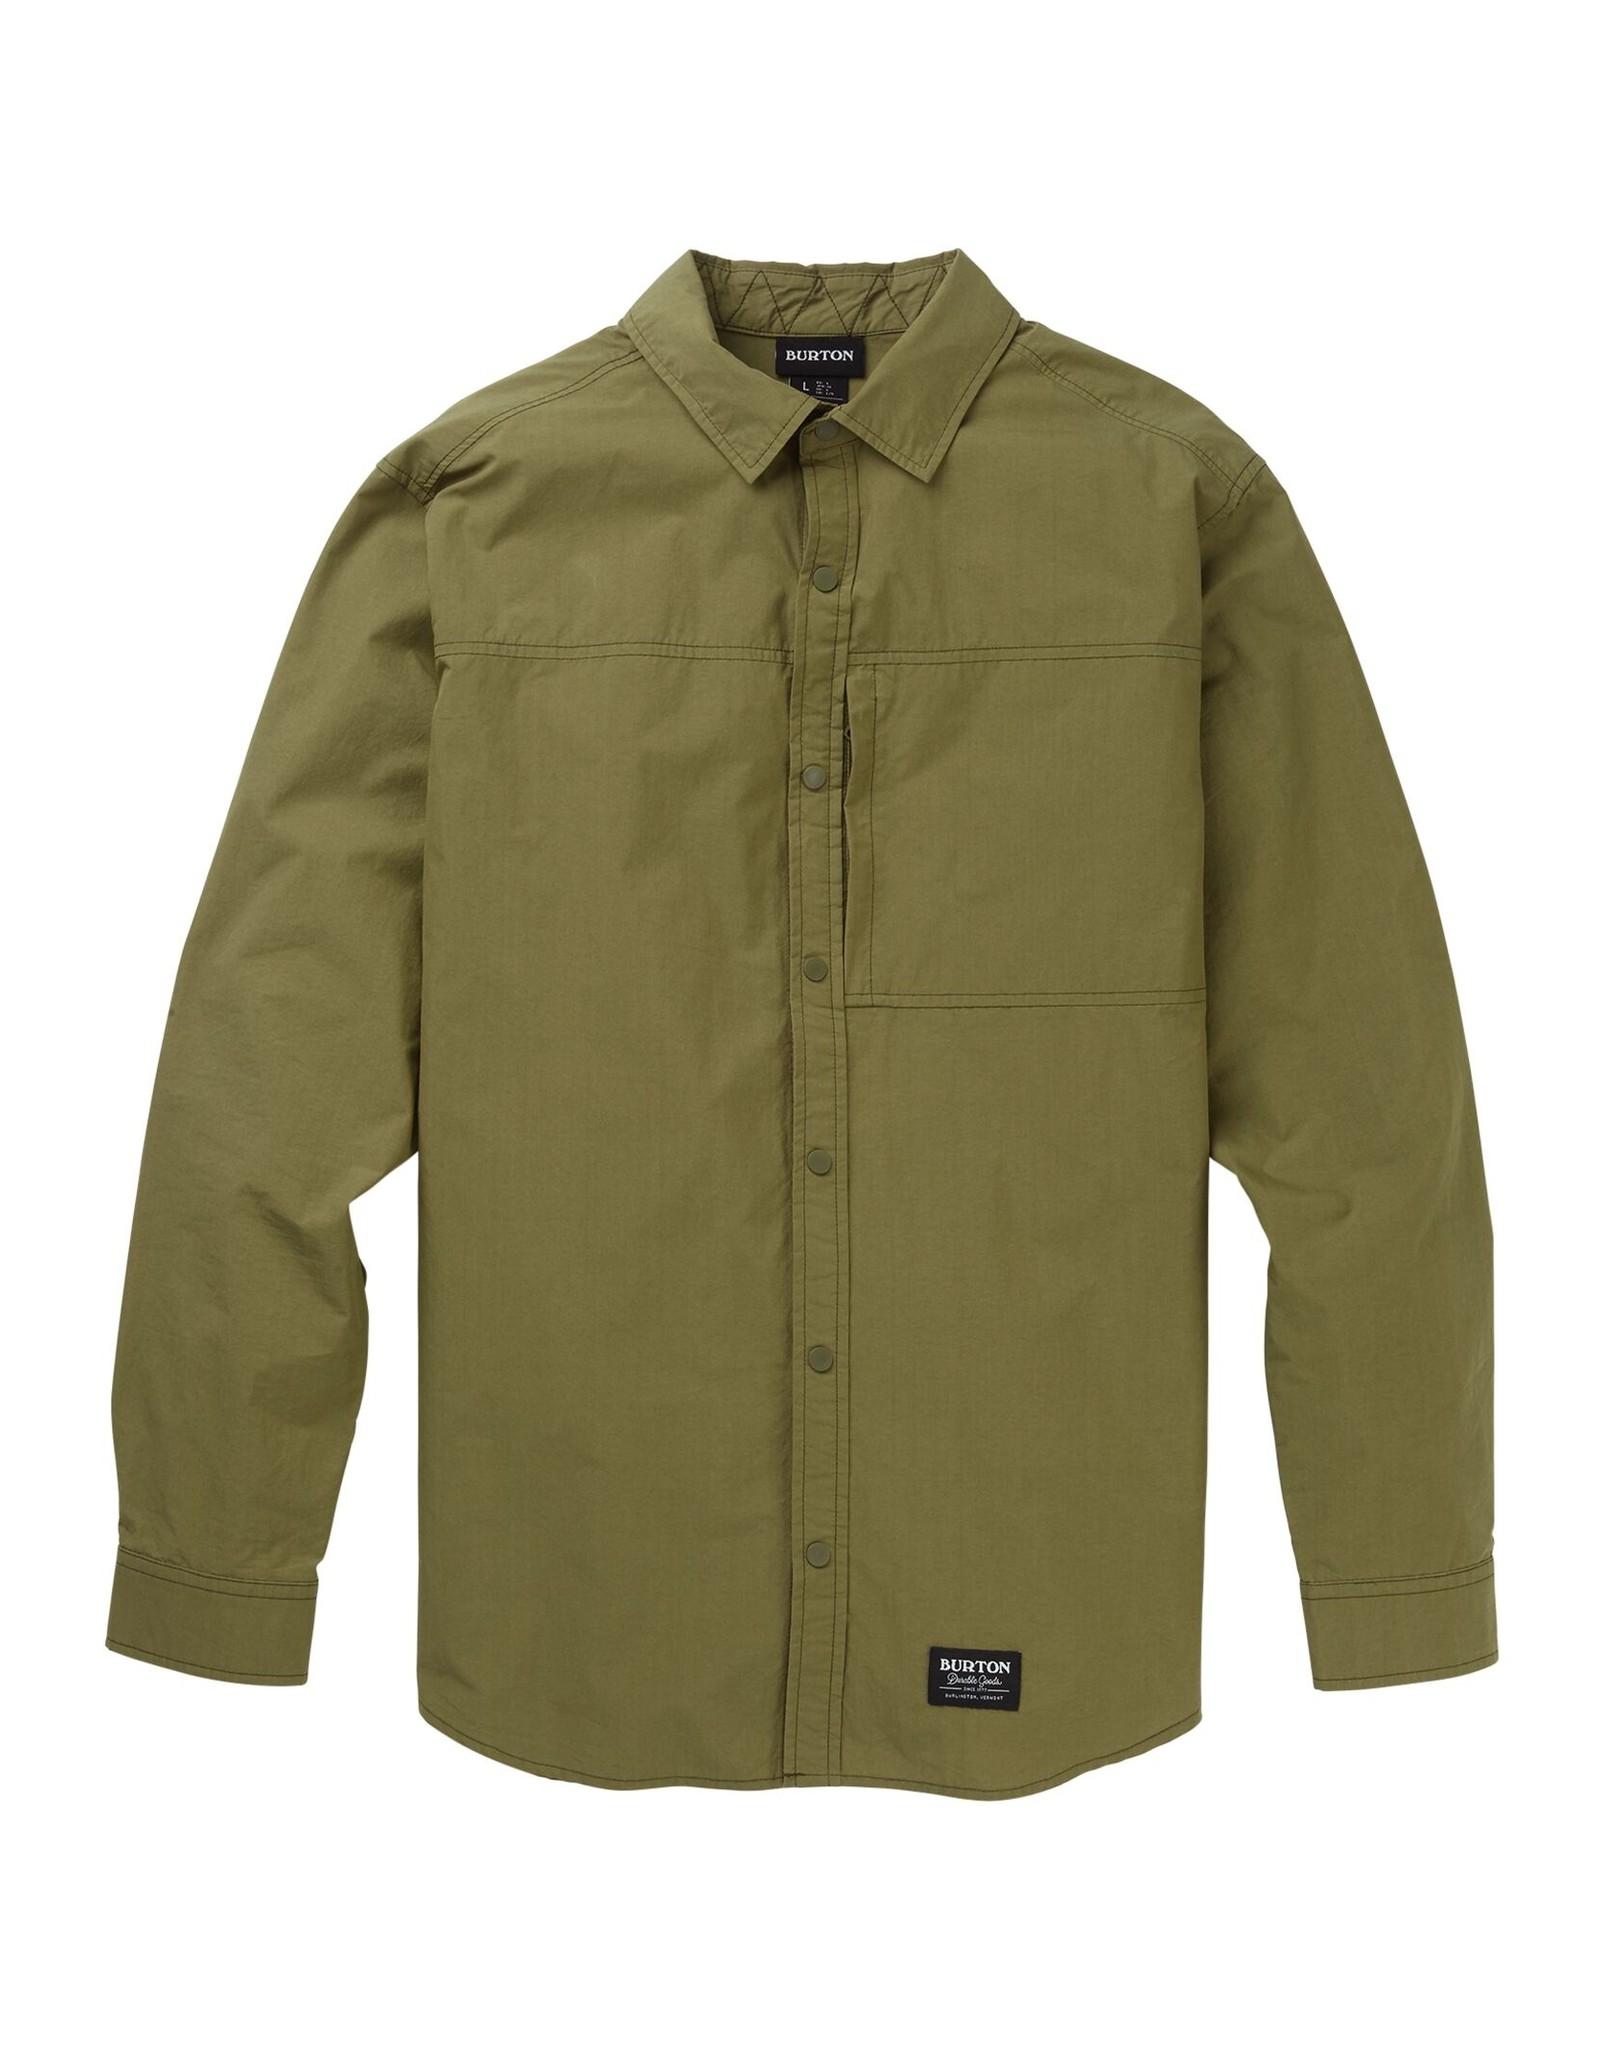 Burton Burton Ridge Long Sleeve Shirt Men's